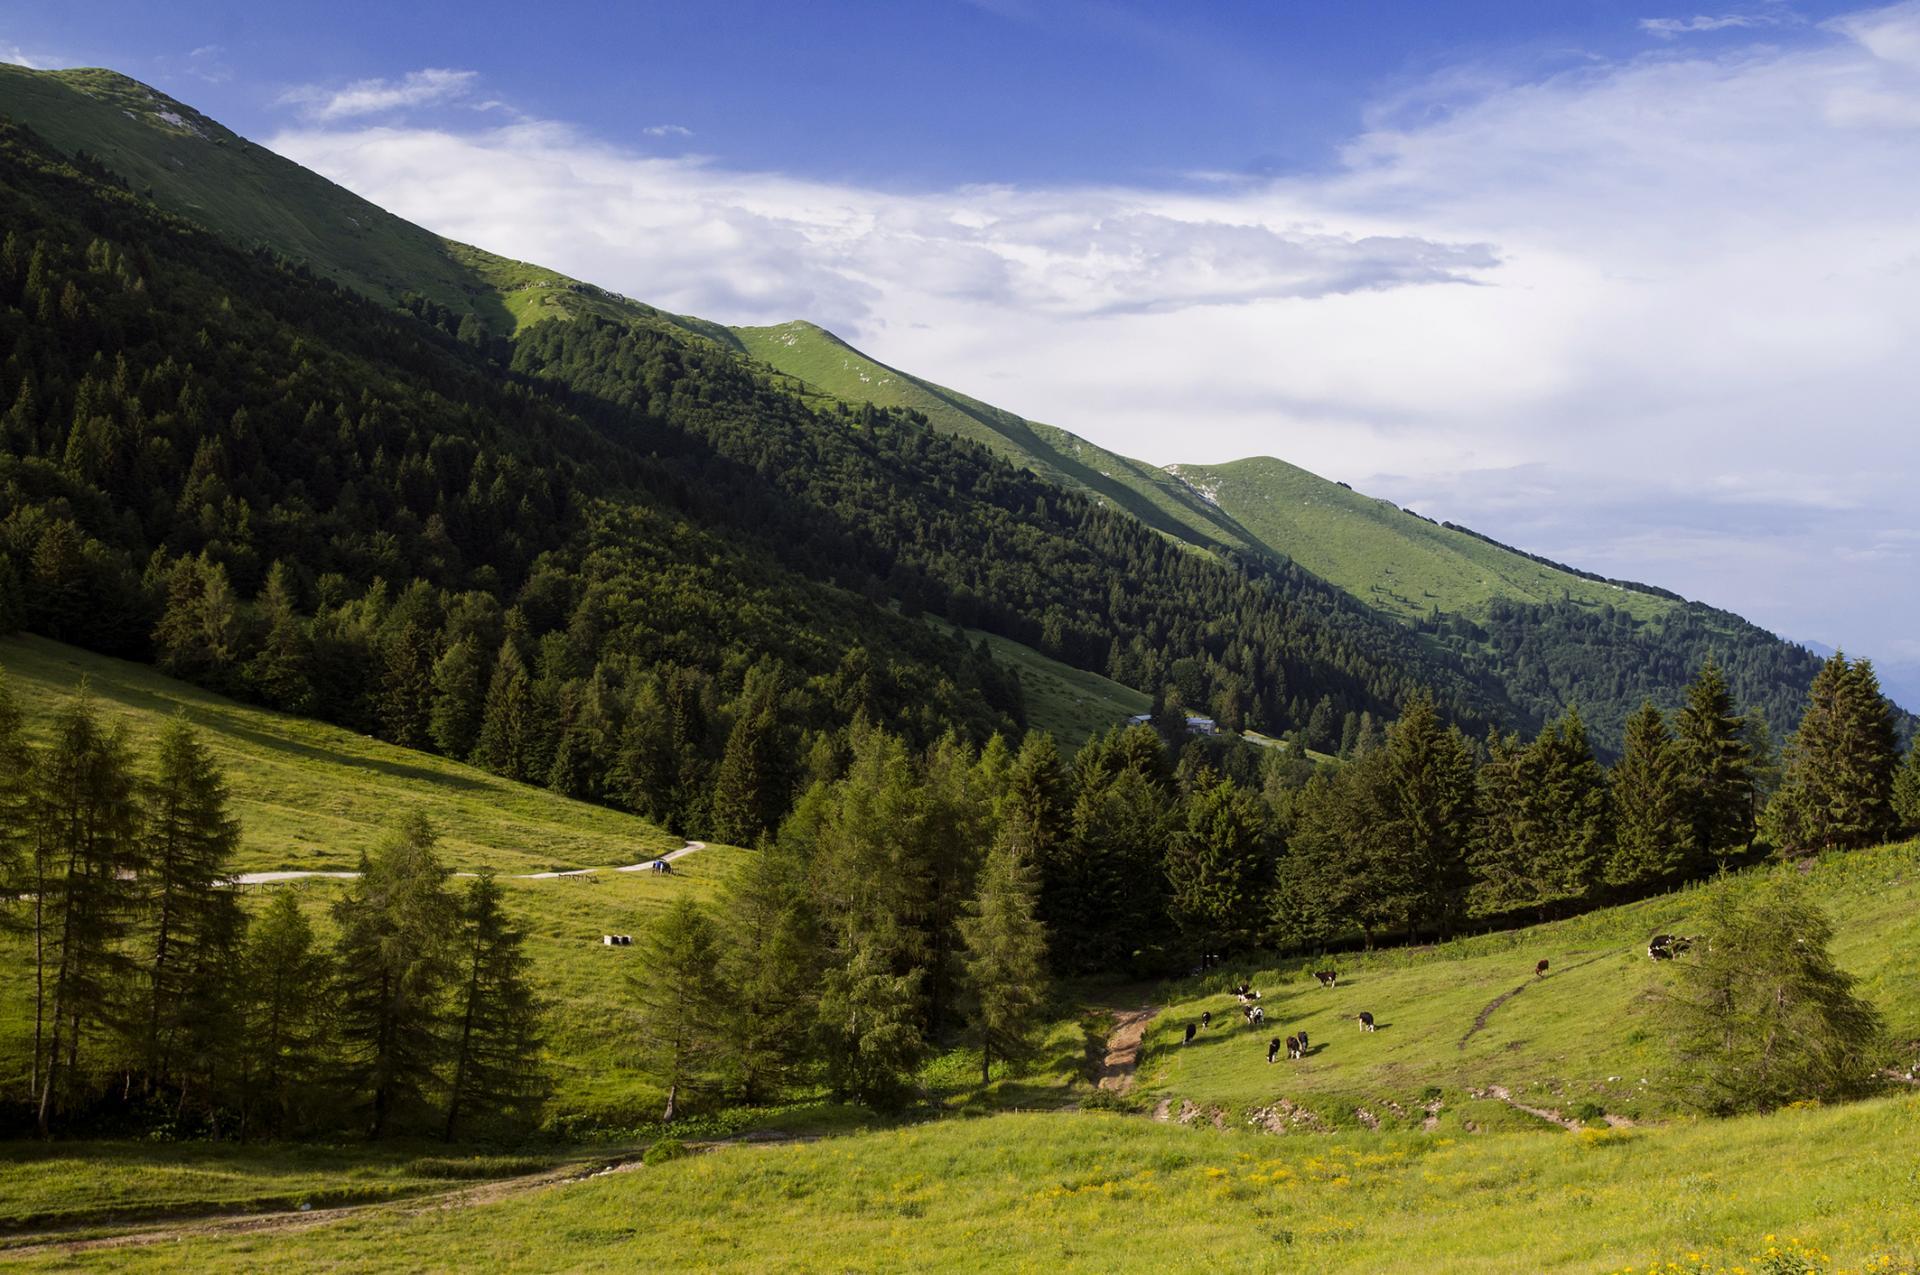 Monte Grappa, visita obbligata durante le tue vacanze in Veneto sulle Colline del Prosecco Valdobbiadene